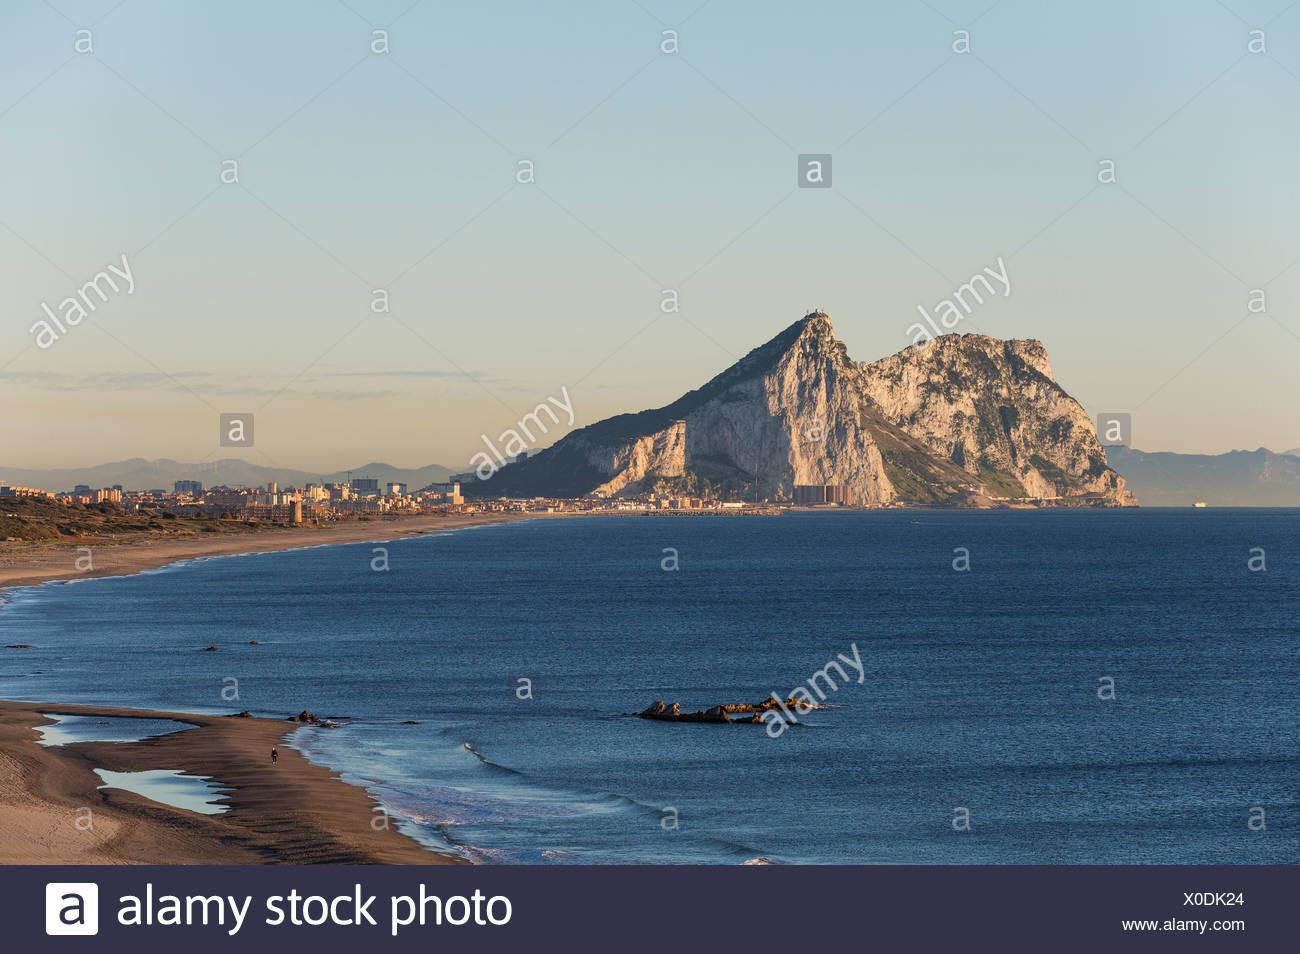 Vista del Peñón de Gibraltar y la linea de la Concepcion como se ve desde la costa mediterránea, en la luz de la mañana temprano Foto de stock